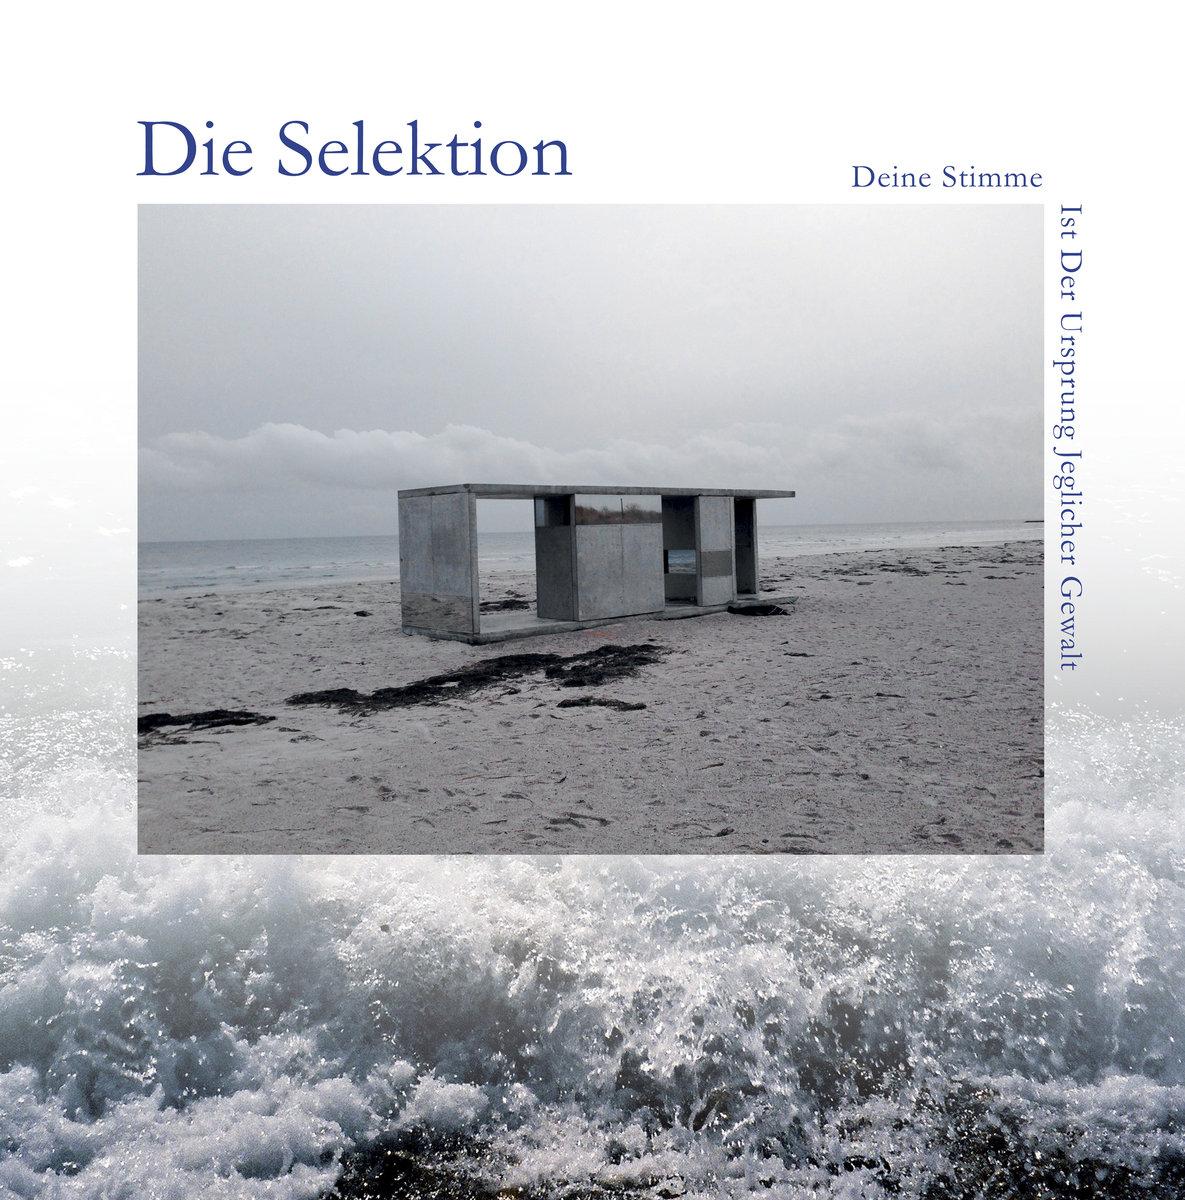 Die Selektion - Deine Stimme Ist Der Ursprung Jeglicher Gewalt (LP; 2017)